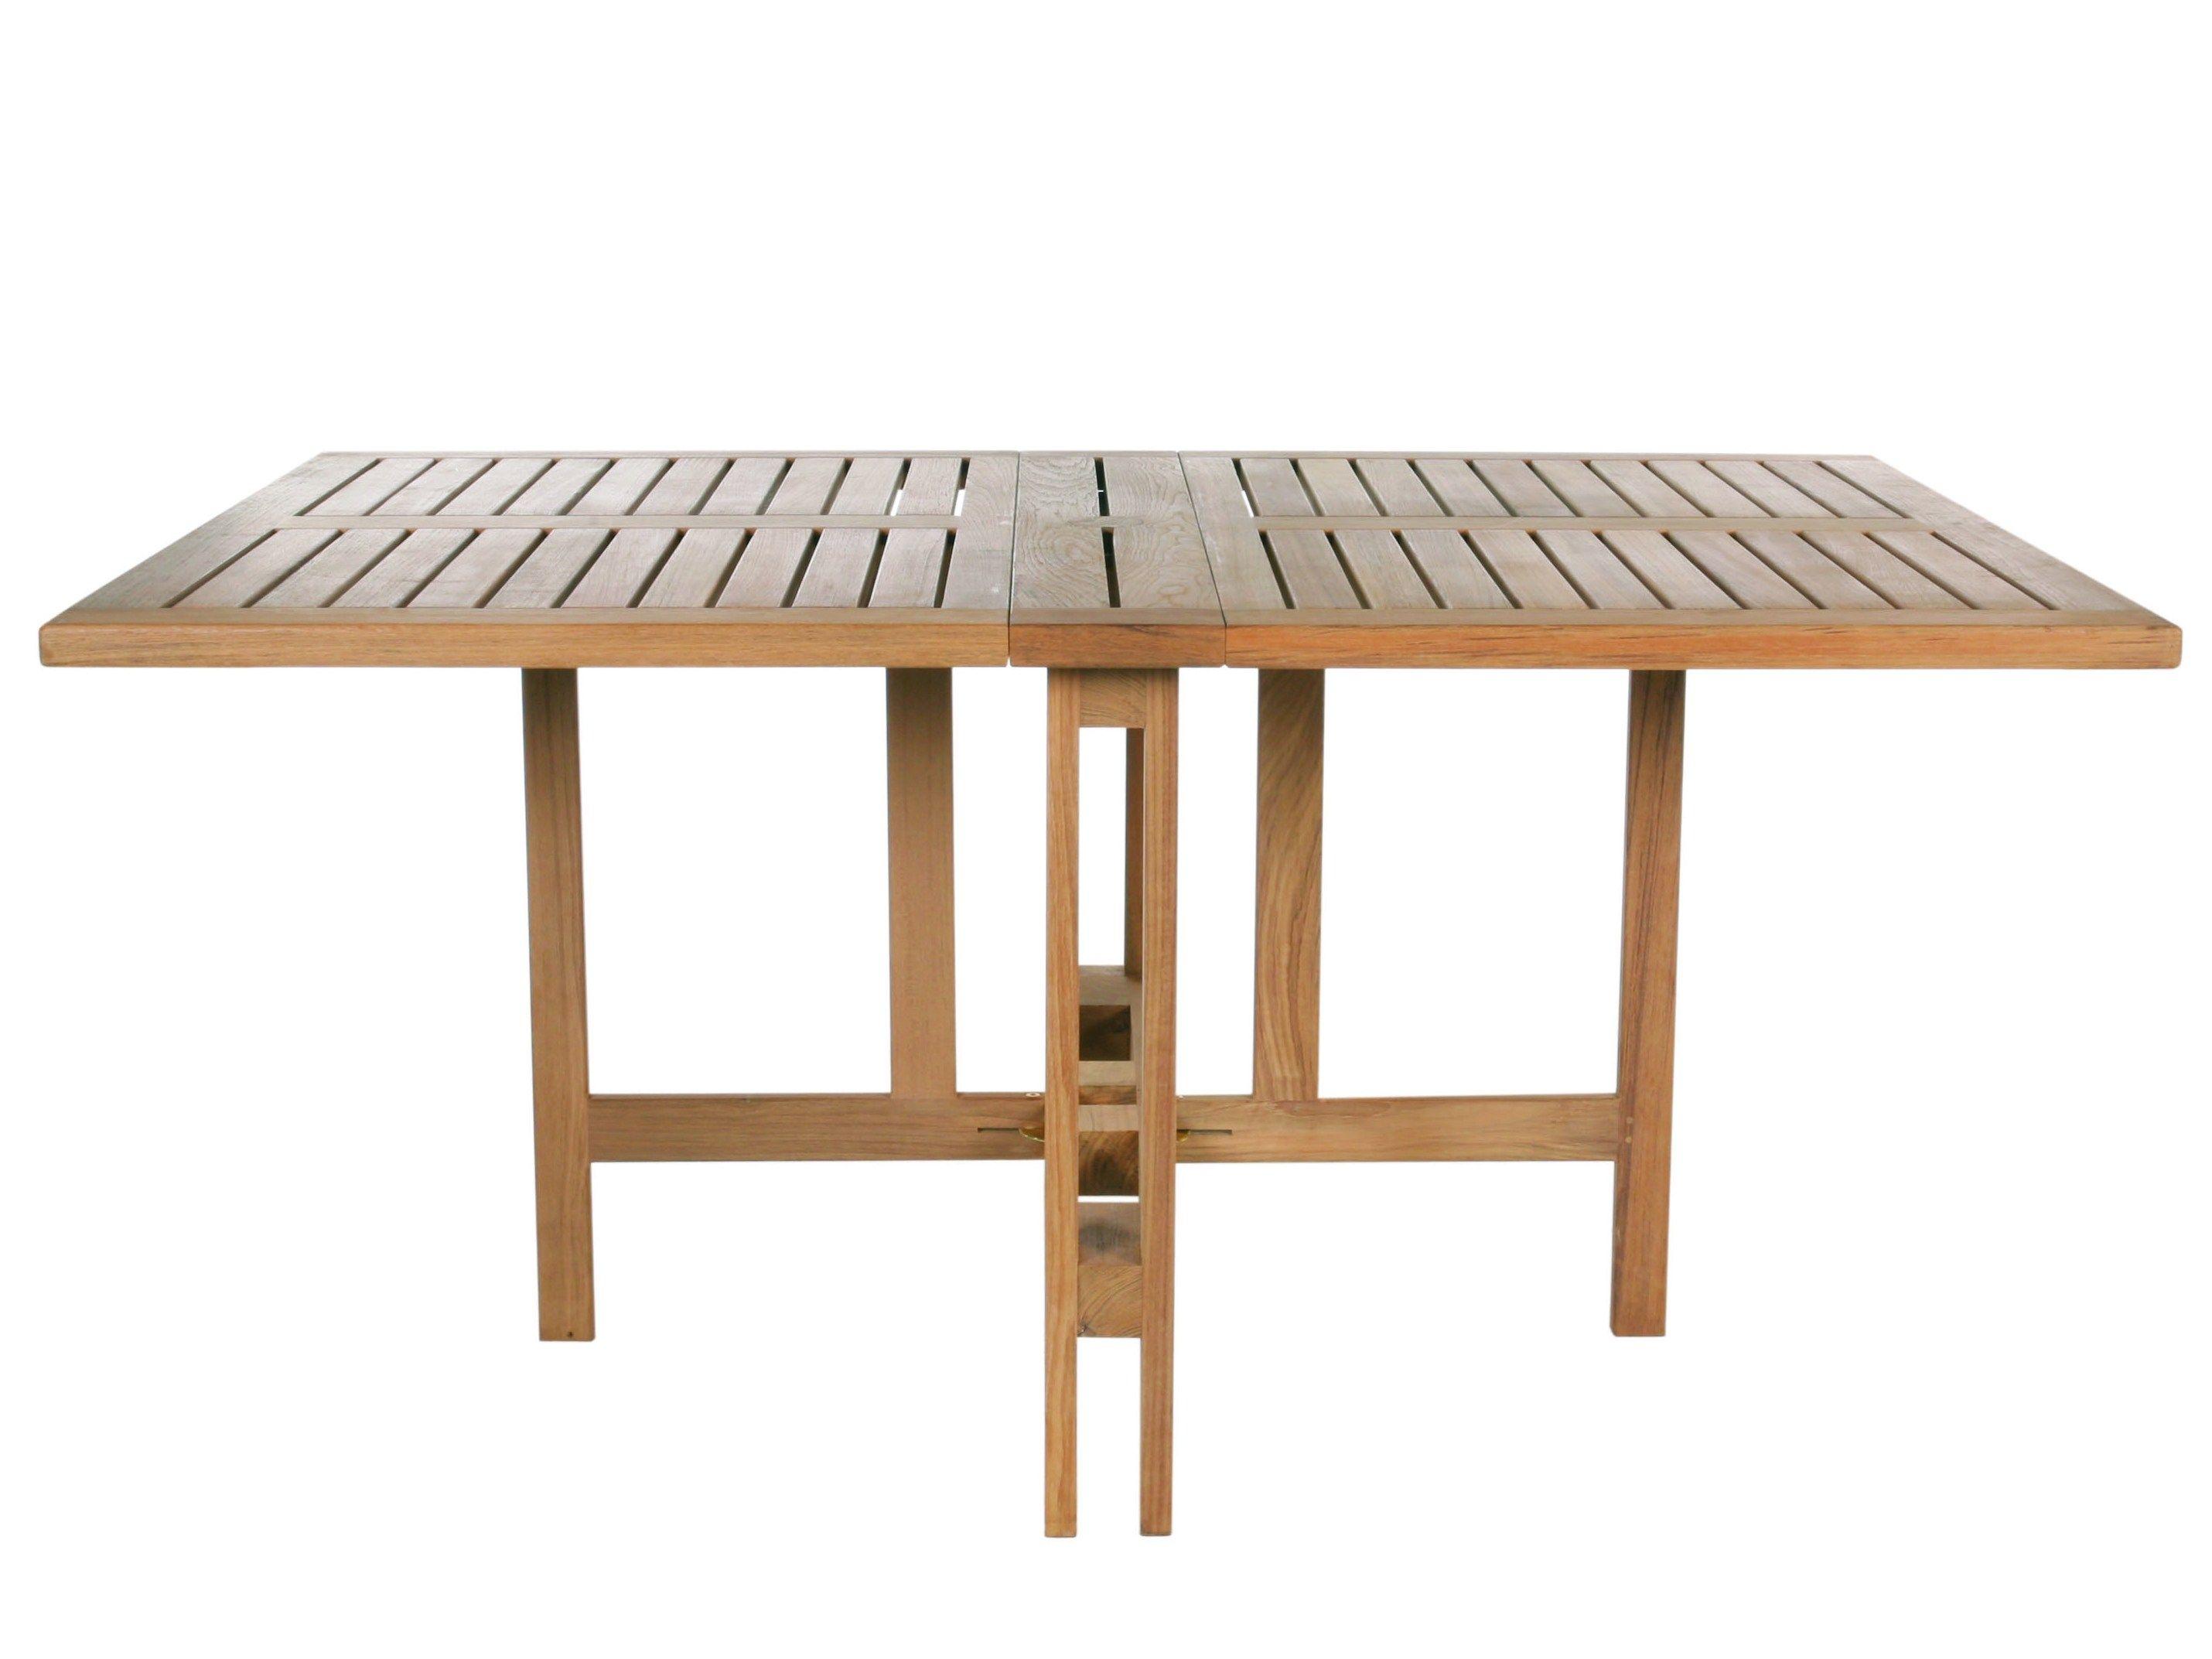 Tavolo da giardino pieghevole rettangolare in teak GATELEG by Tectona